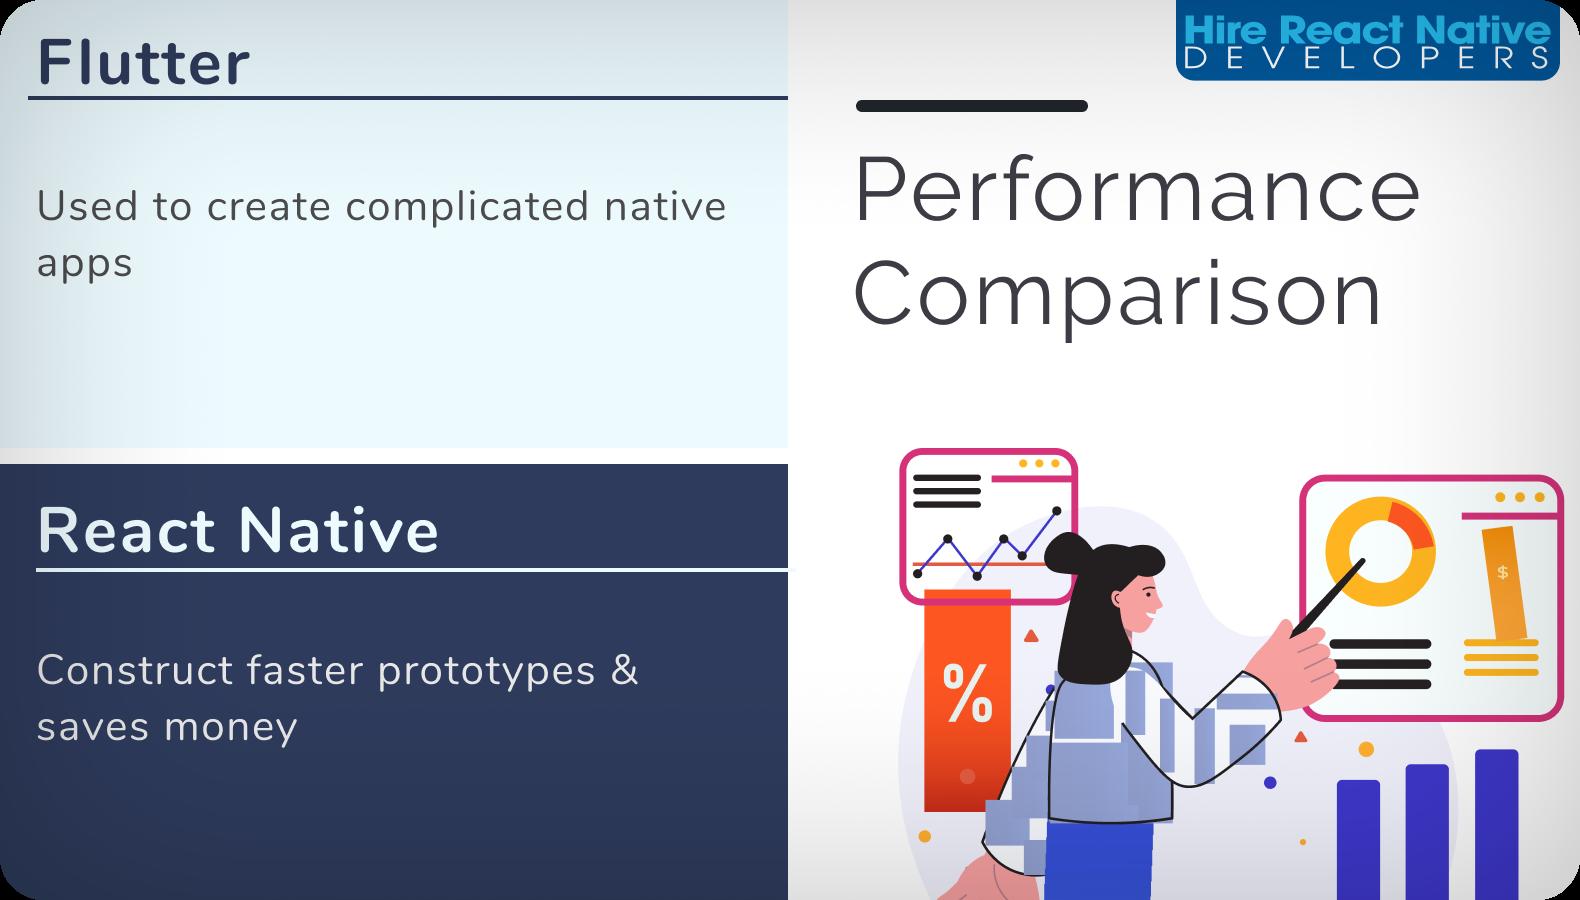 React Native vs. Flutter performance comparison